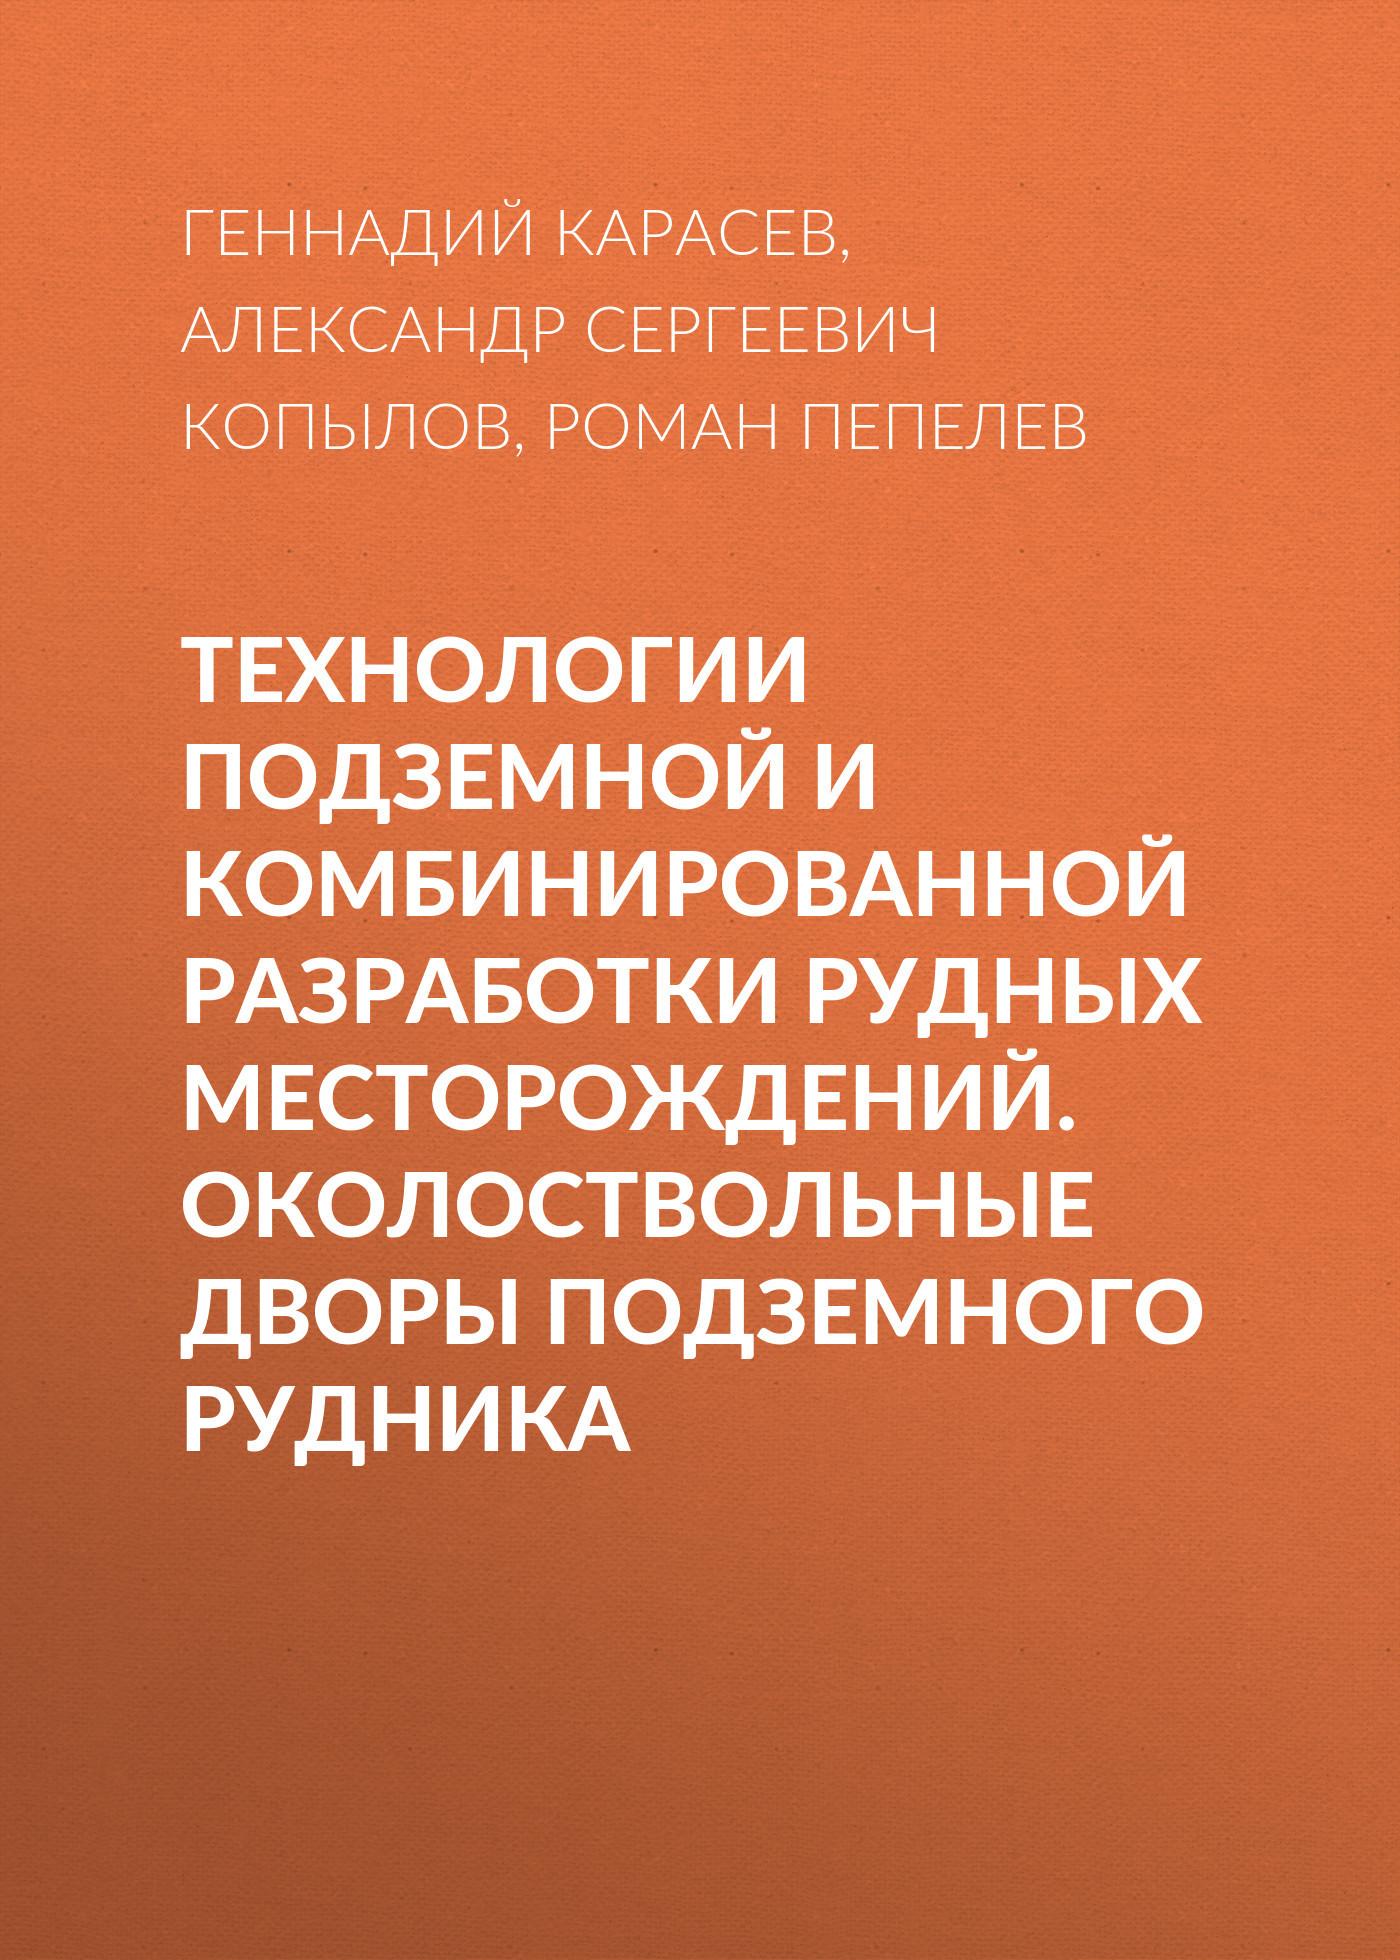 Александр Сергеевич Копылов Технологии подземной и комбинированной разработки рудных месторождений. Околоствольные дворы подземного рудника парогенератор для отогрева подземного водопровода